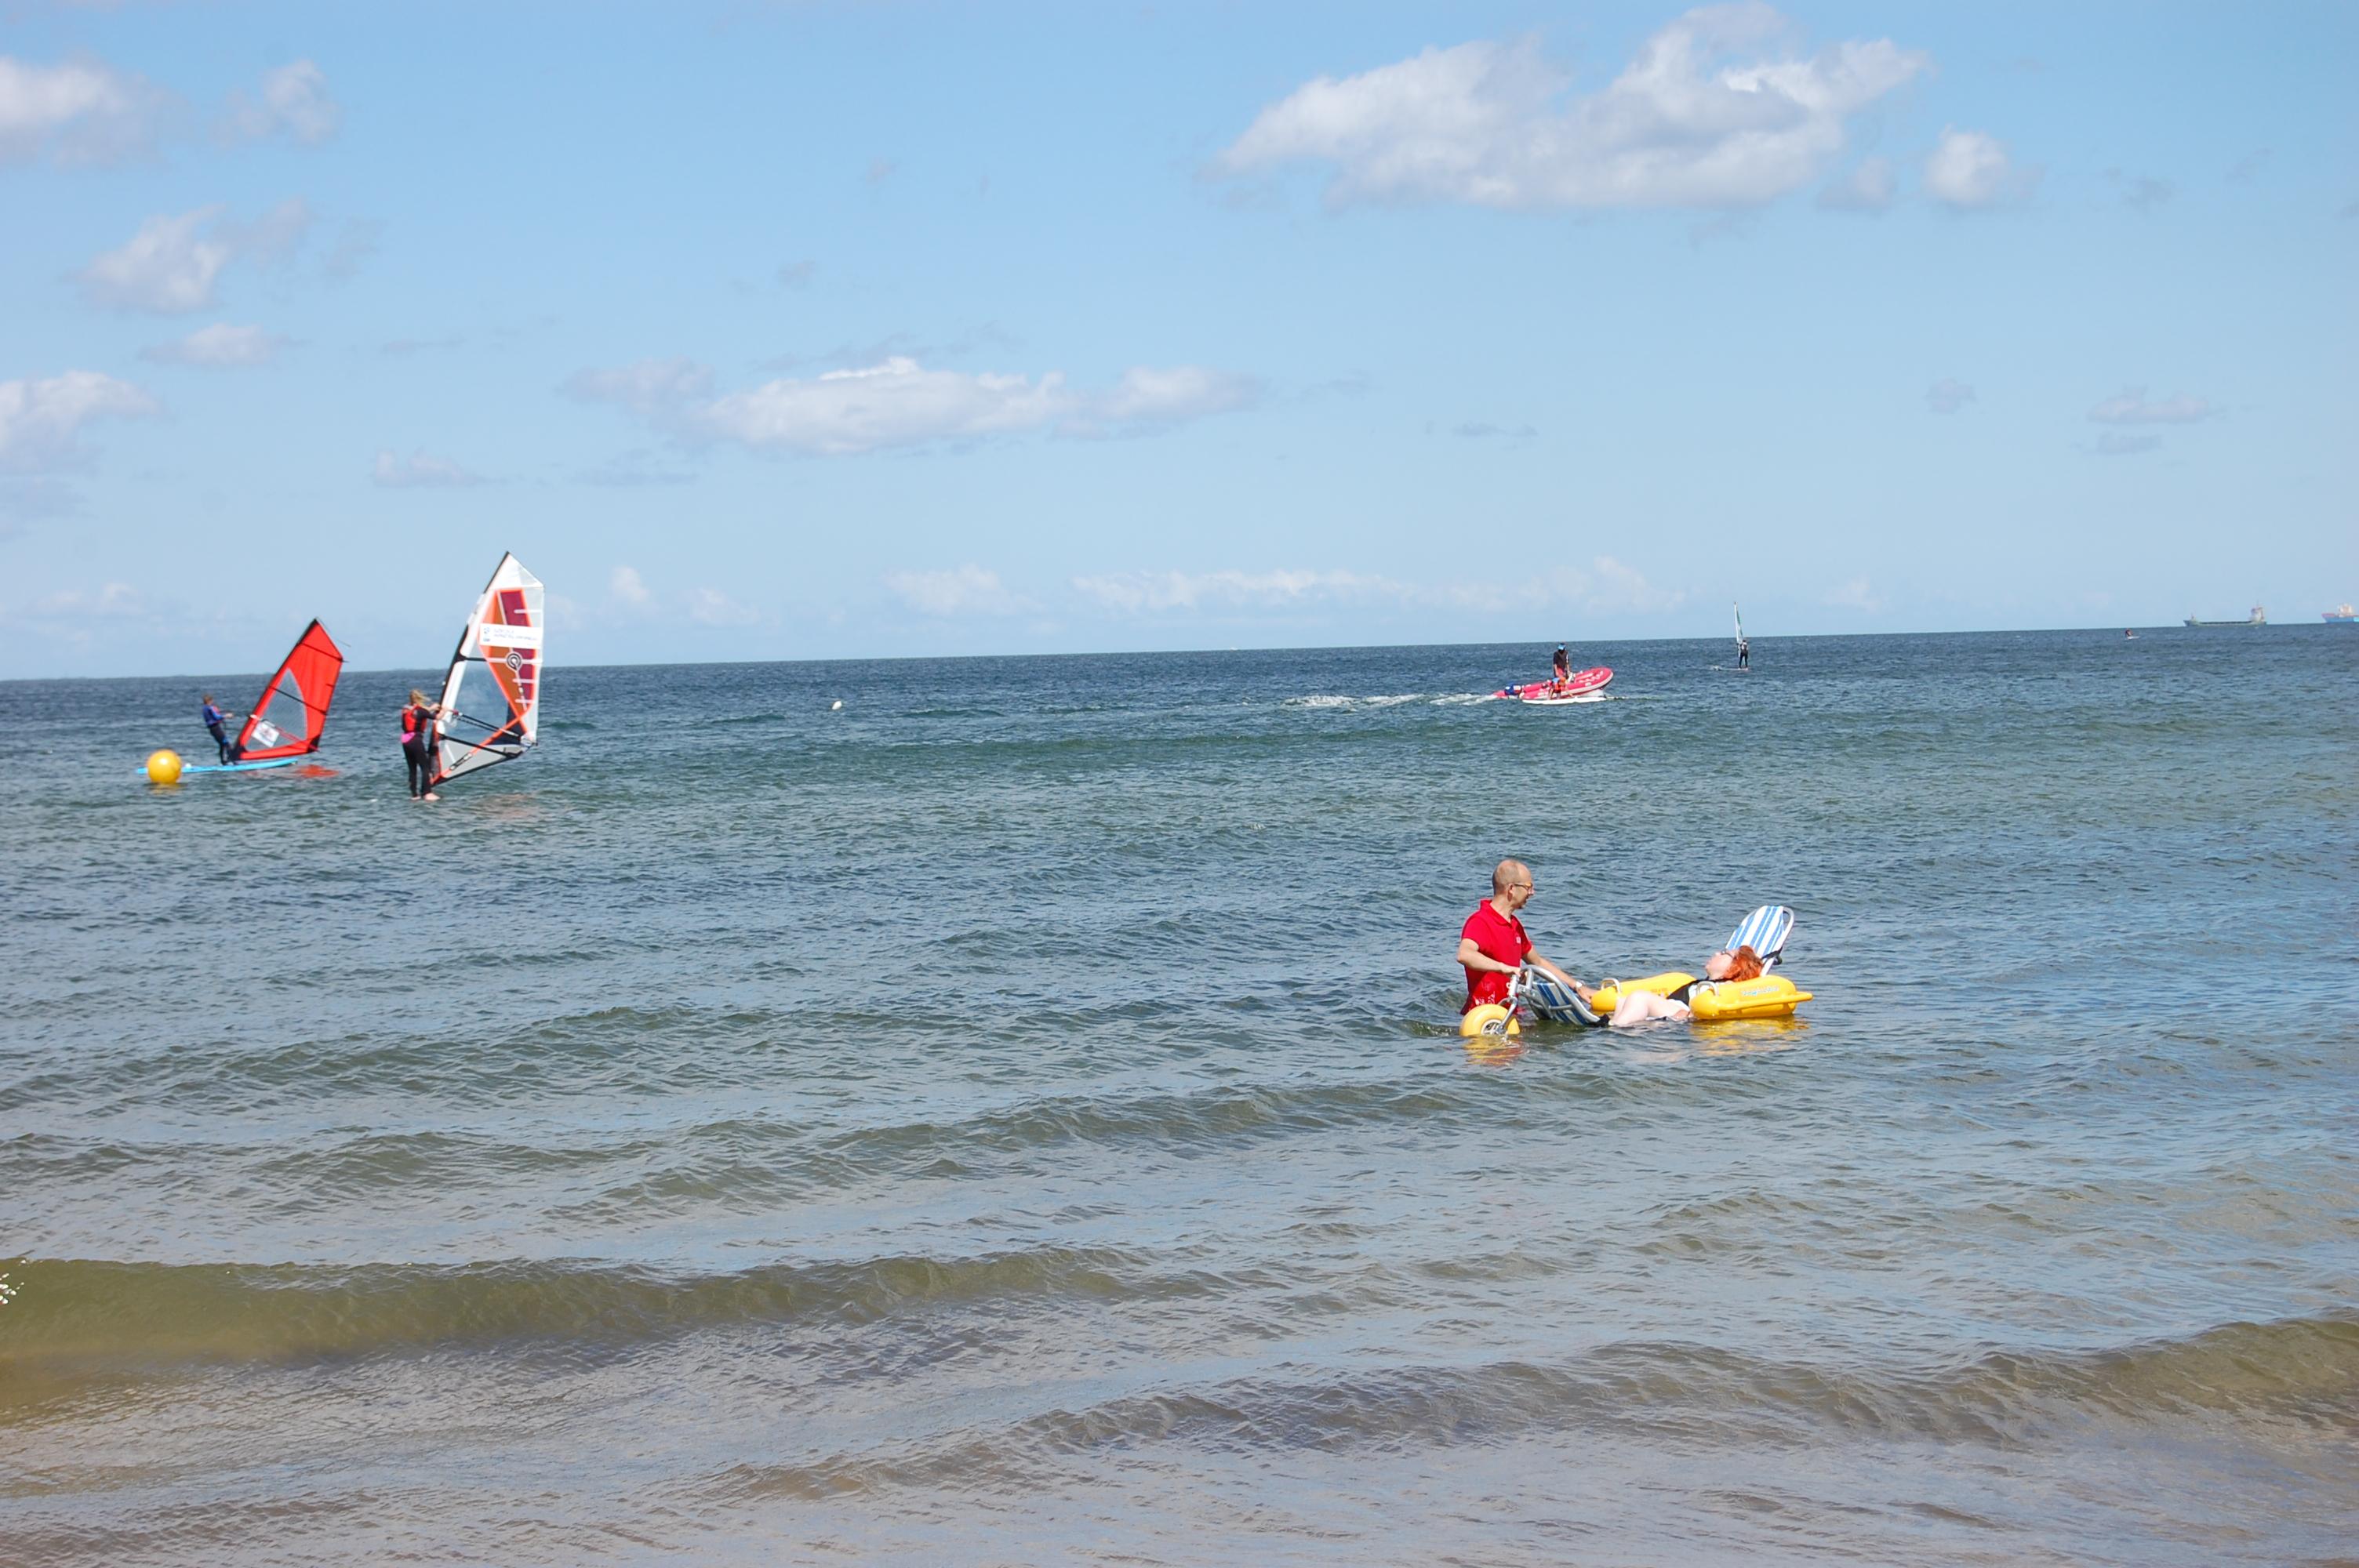 Dziewczyna zanurzona w morzu, siedząca na amfibii. Przy niej stoi opiekun.